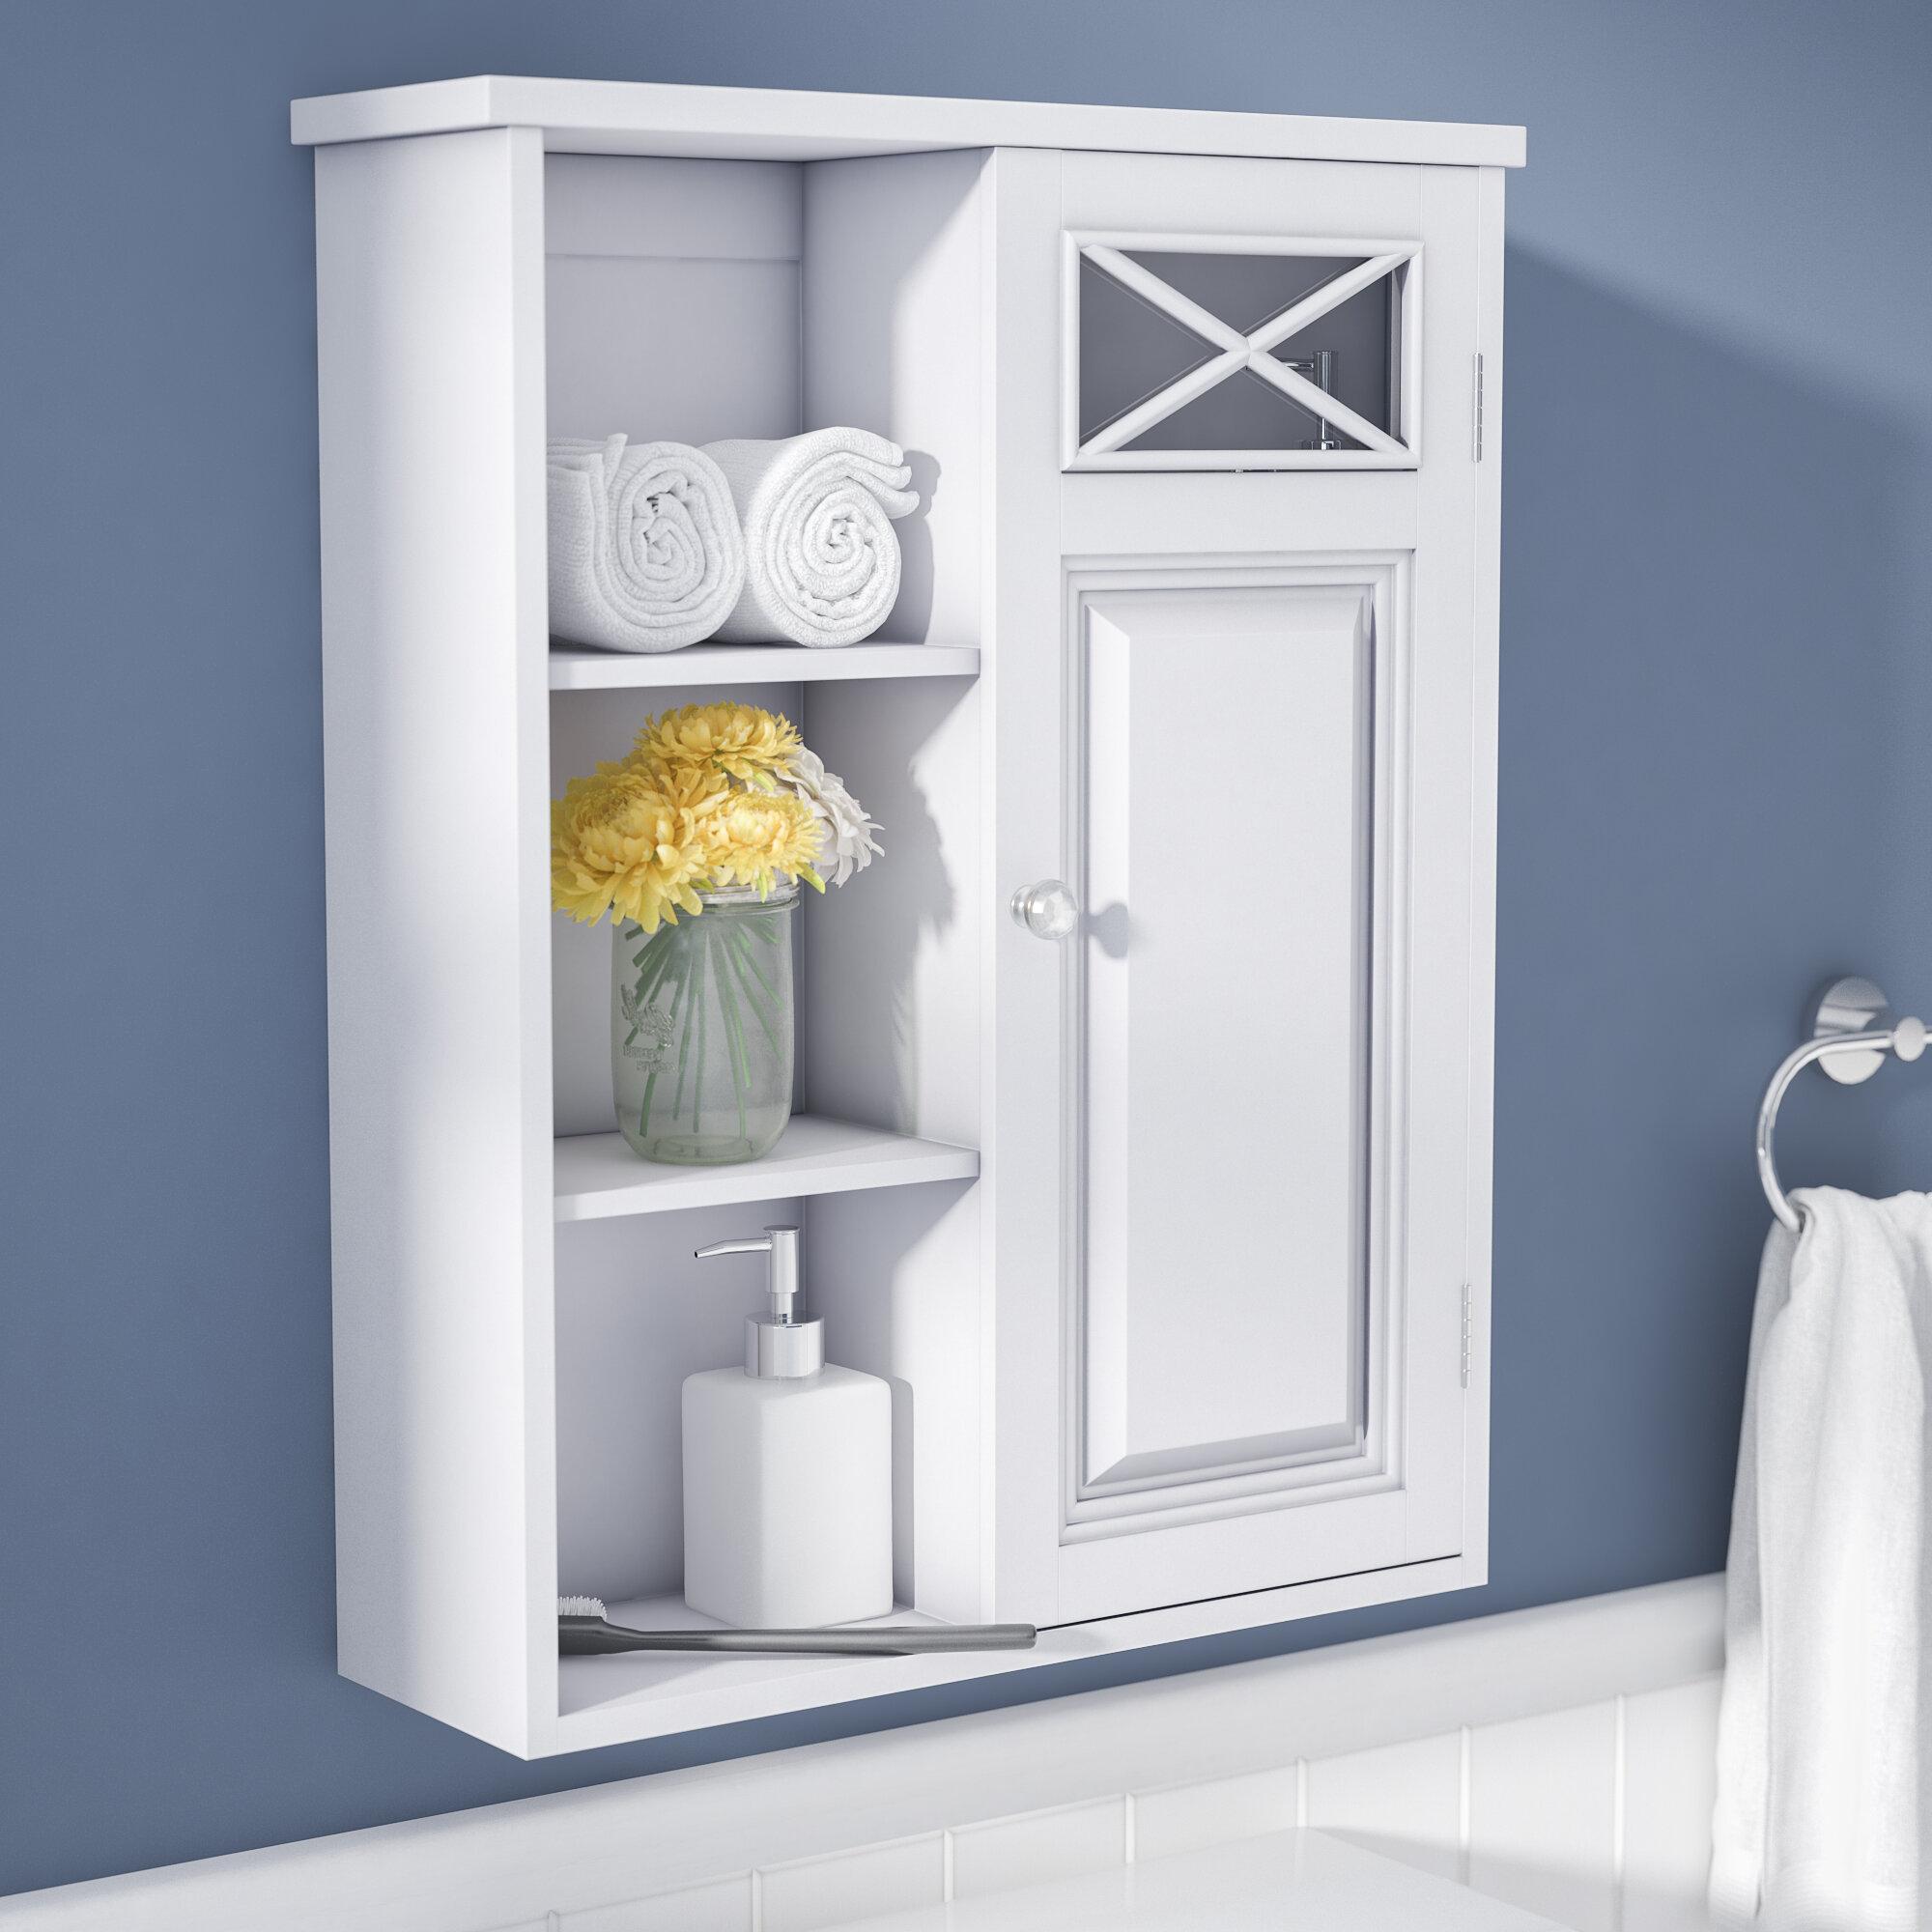 Wayfair Wall Mounted Bathroom Cabinets You Ll Love In 2021